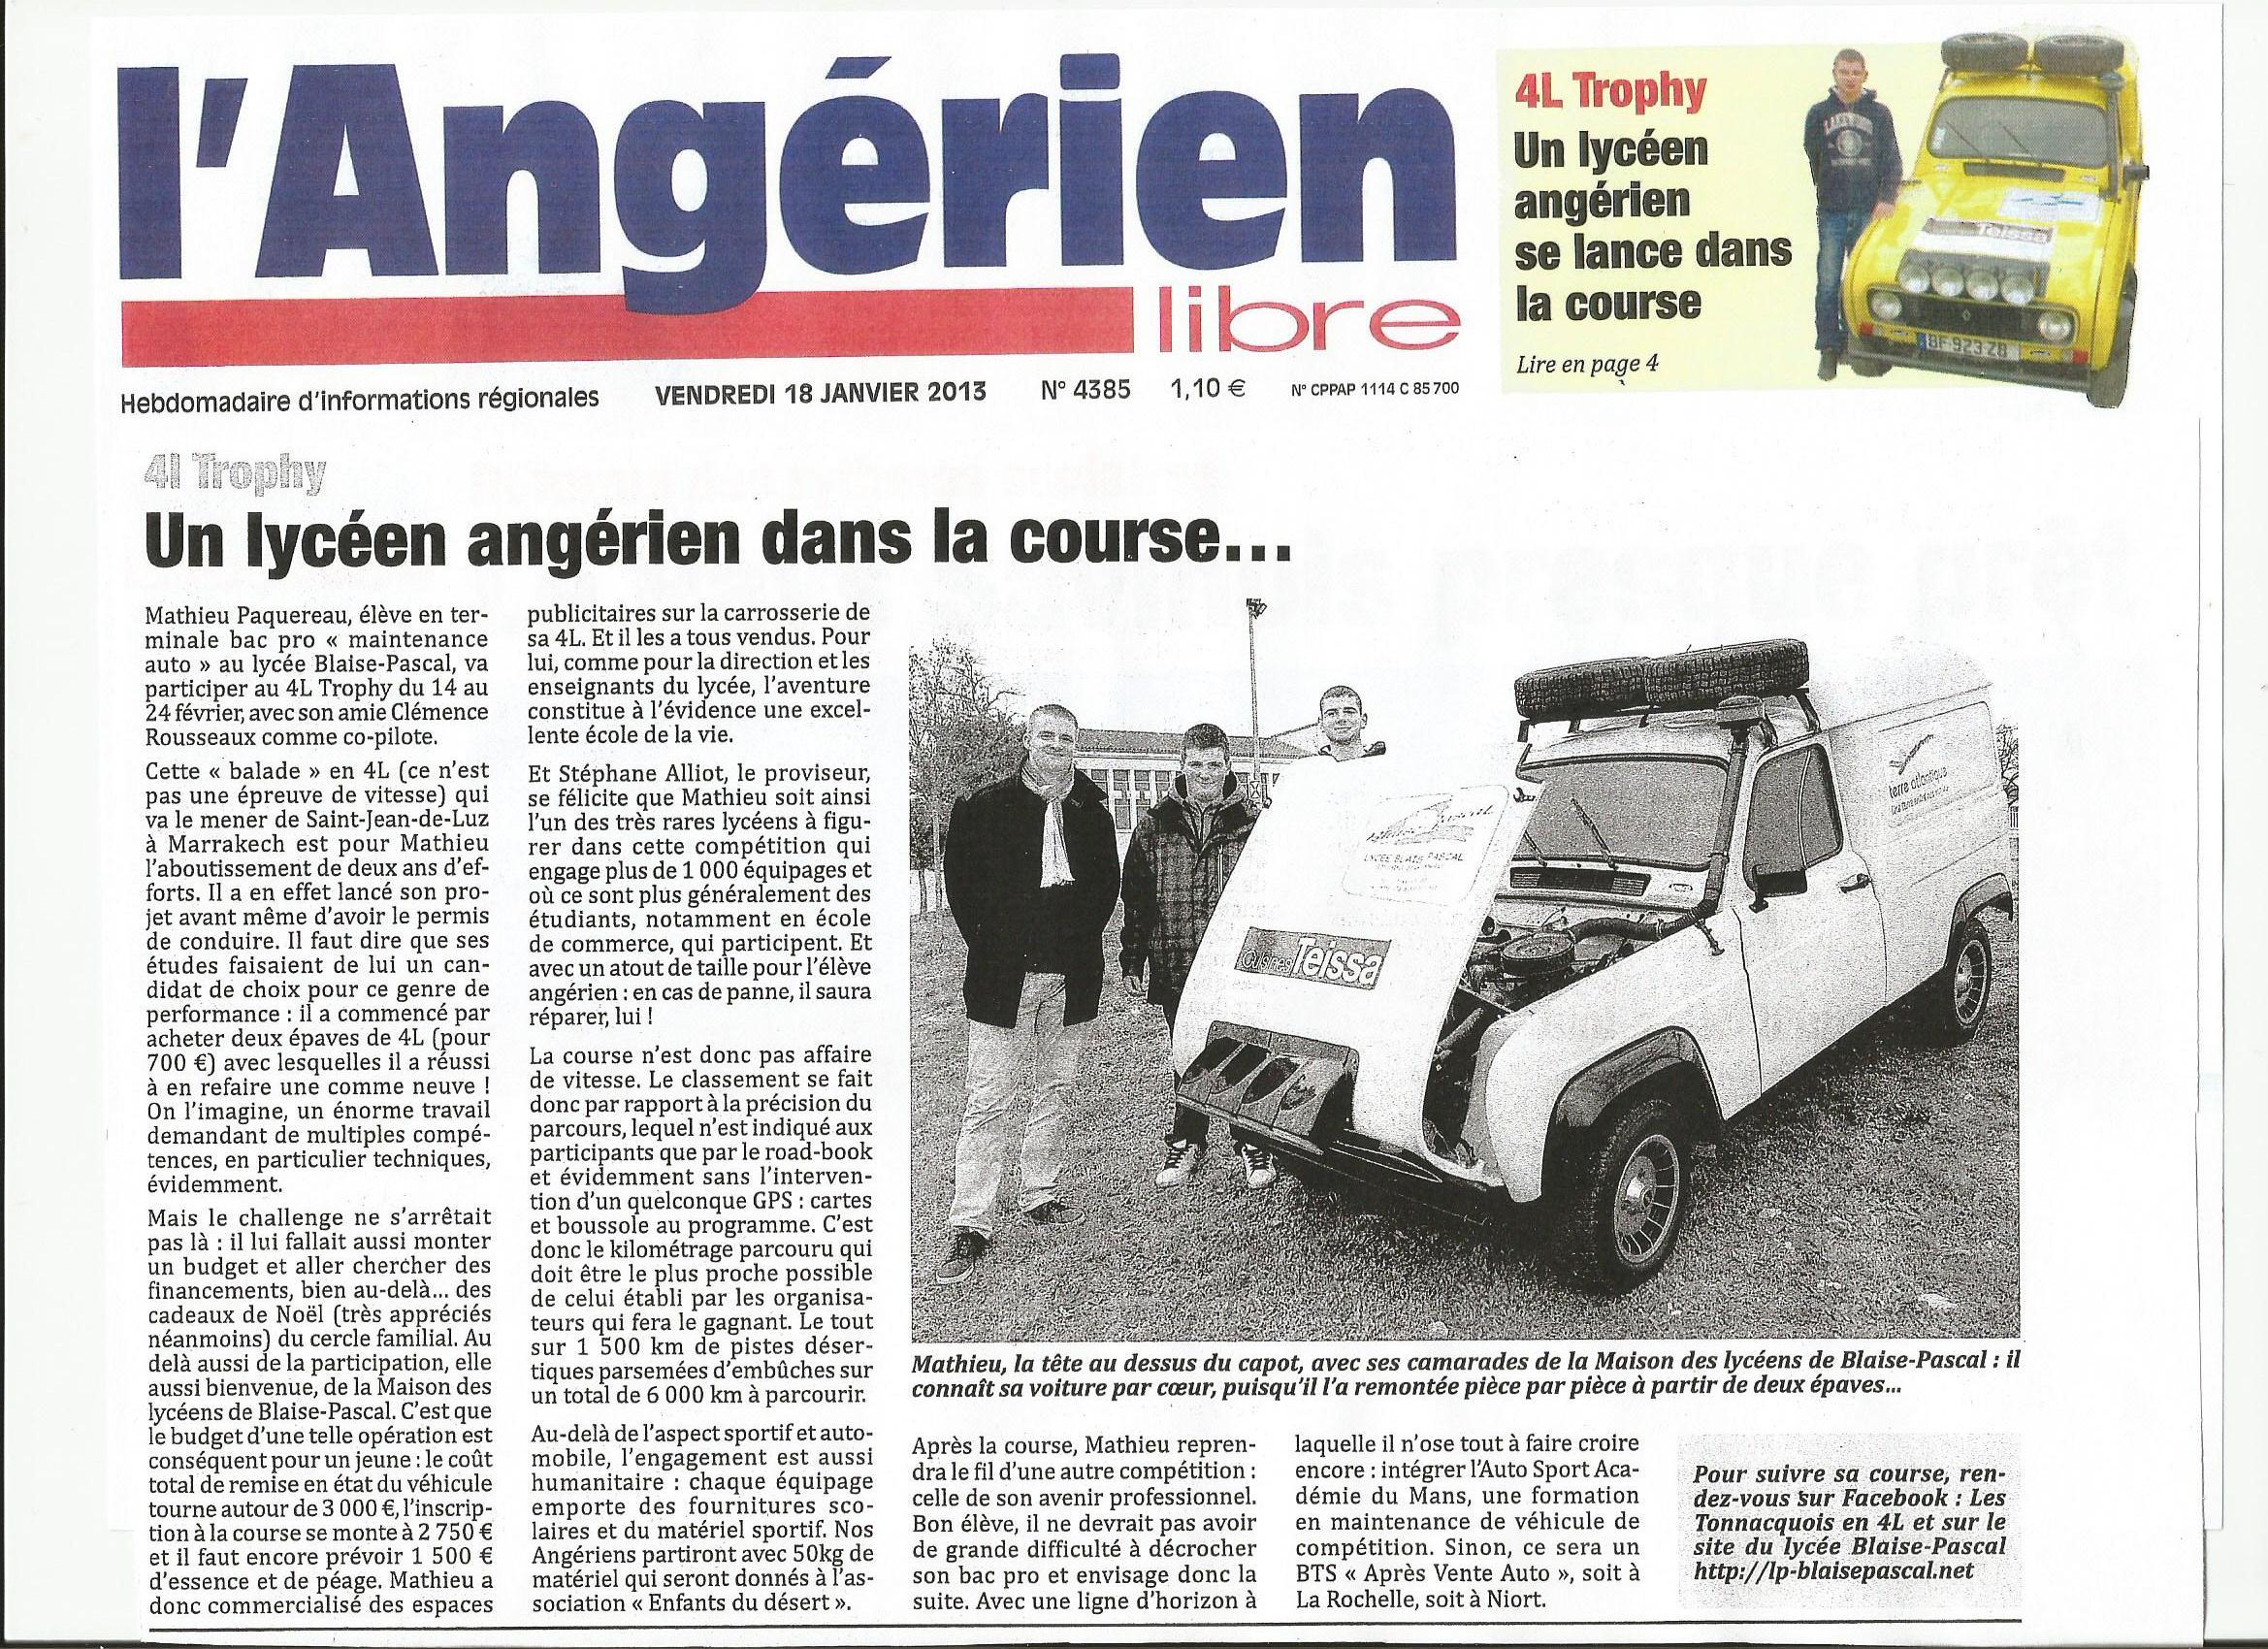 angérien libre 4L trophy